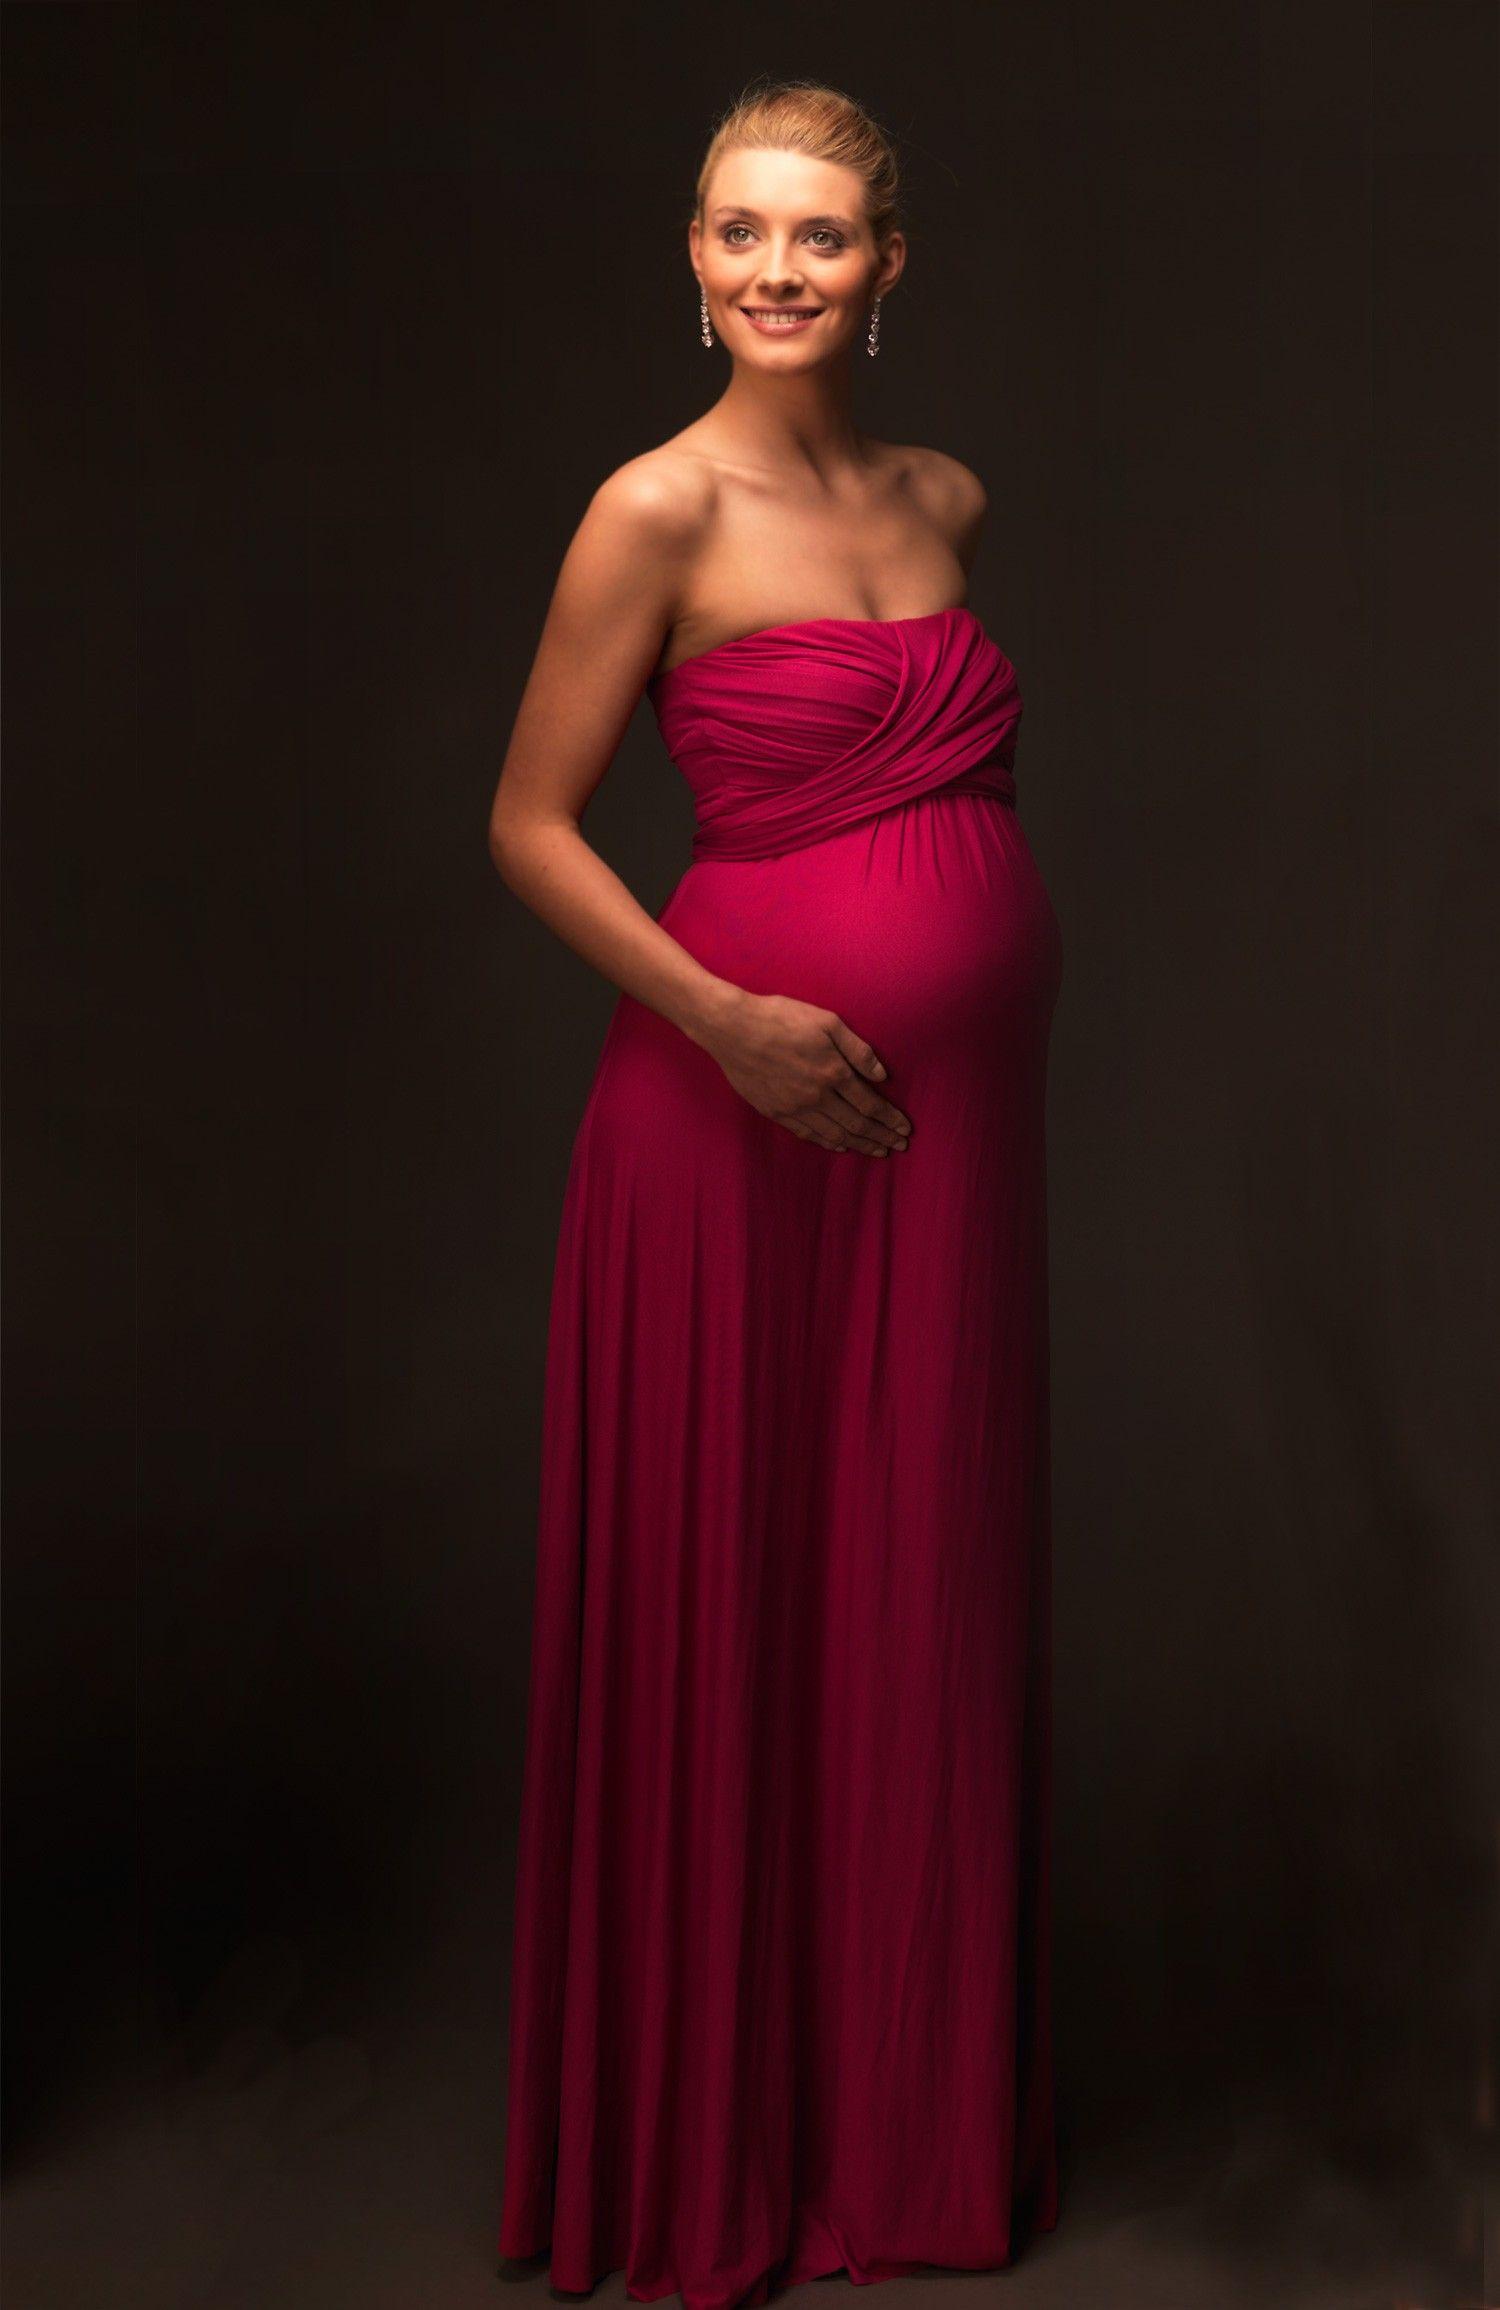 maternity dresses for weddings Maternity Dresses For Weddings